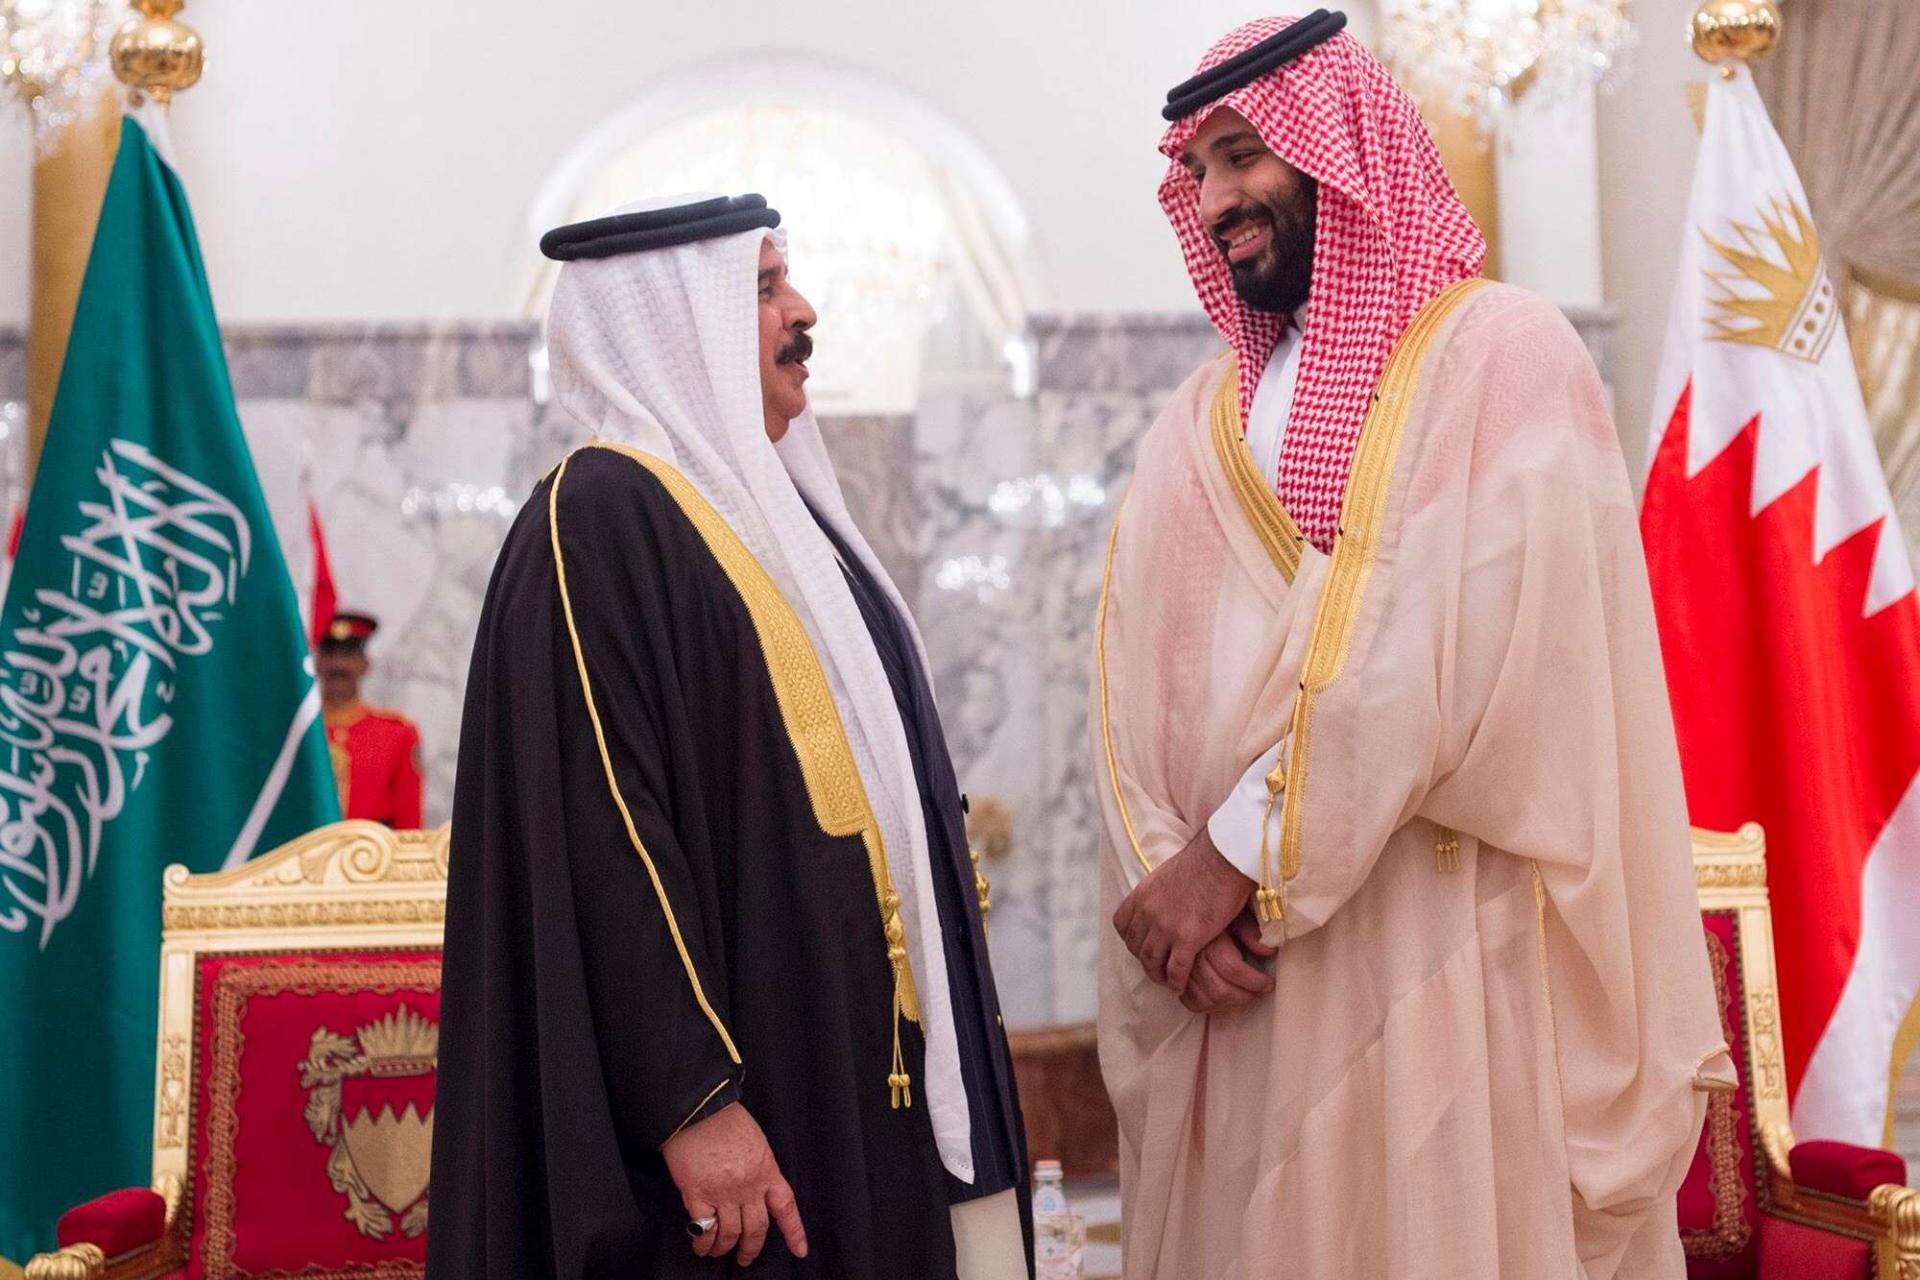 البحرين تعلن قرار مفاجئ وغير مسبوق تجاه السعودية